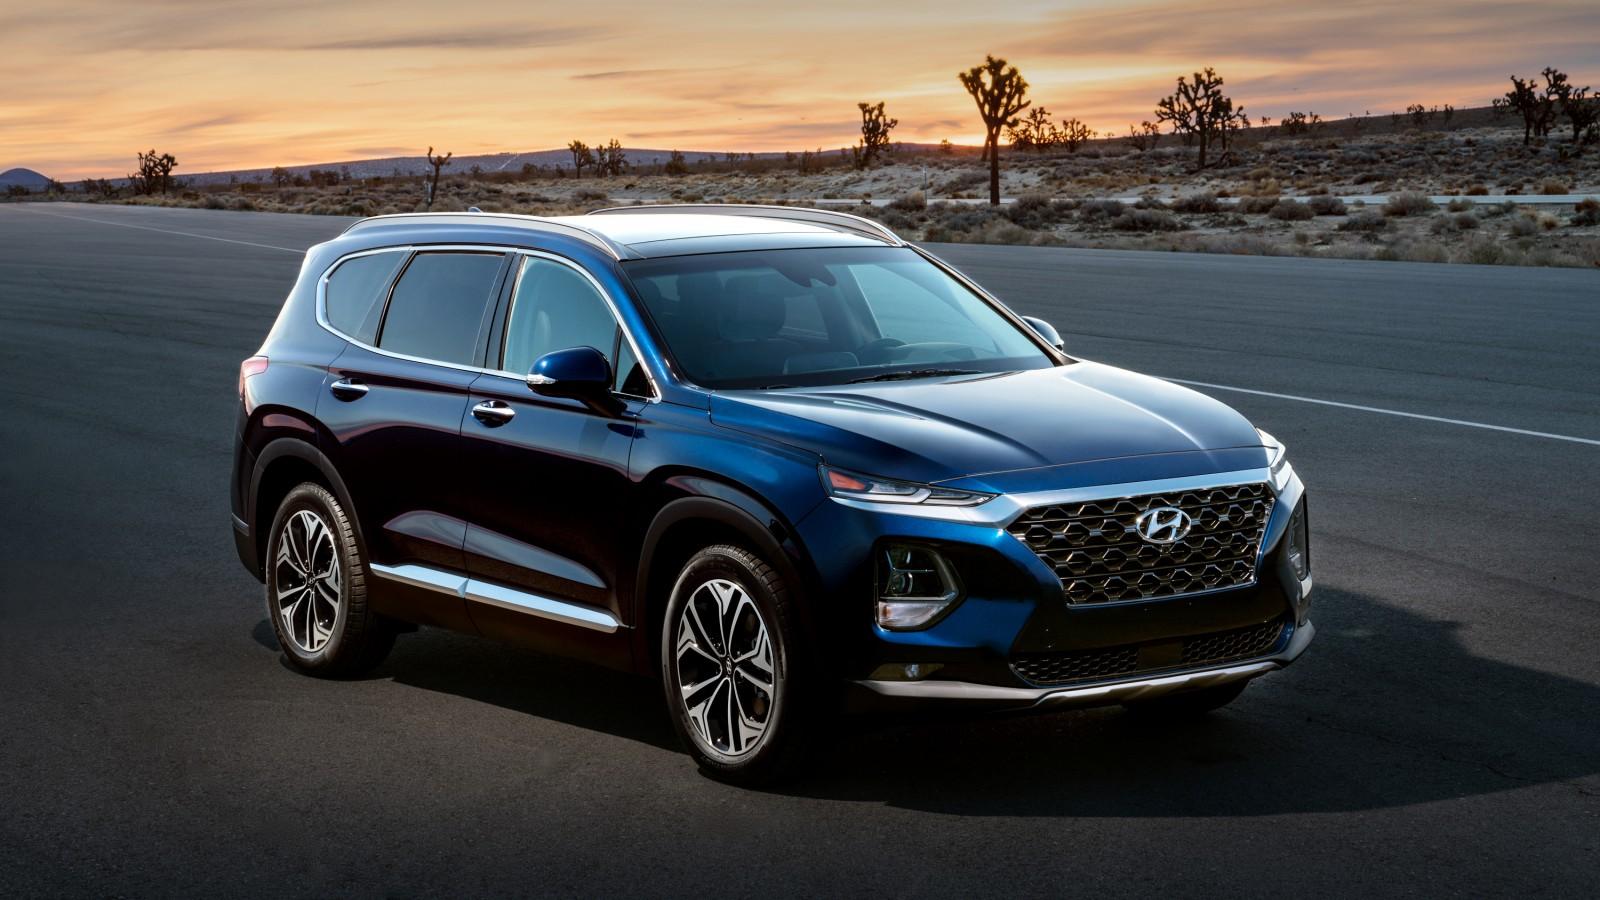 2019 Hyundai Santa Fe Wallpaper | HD Car Wallpapers | ID #10107